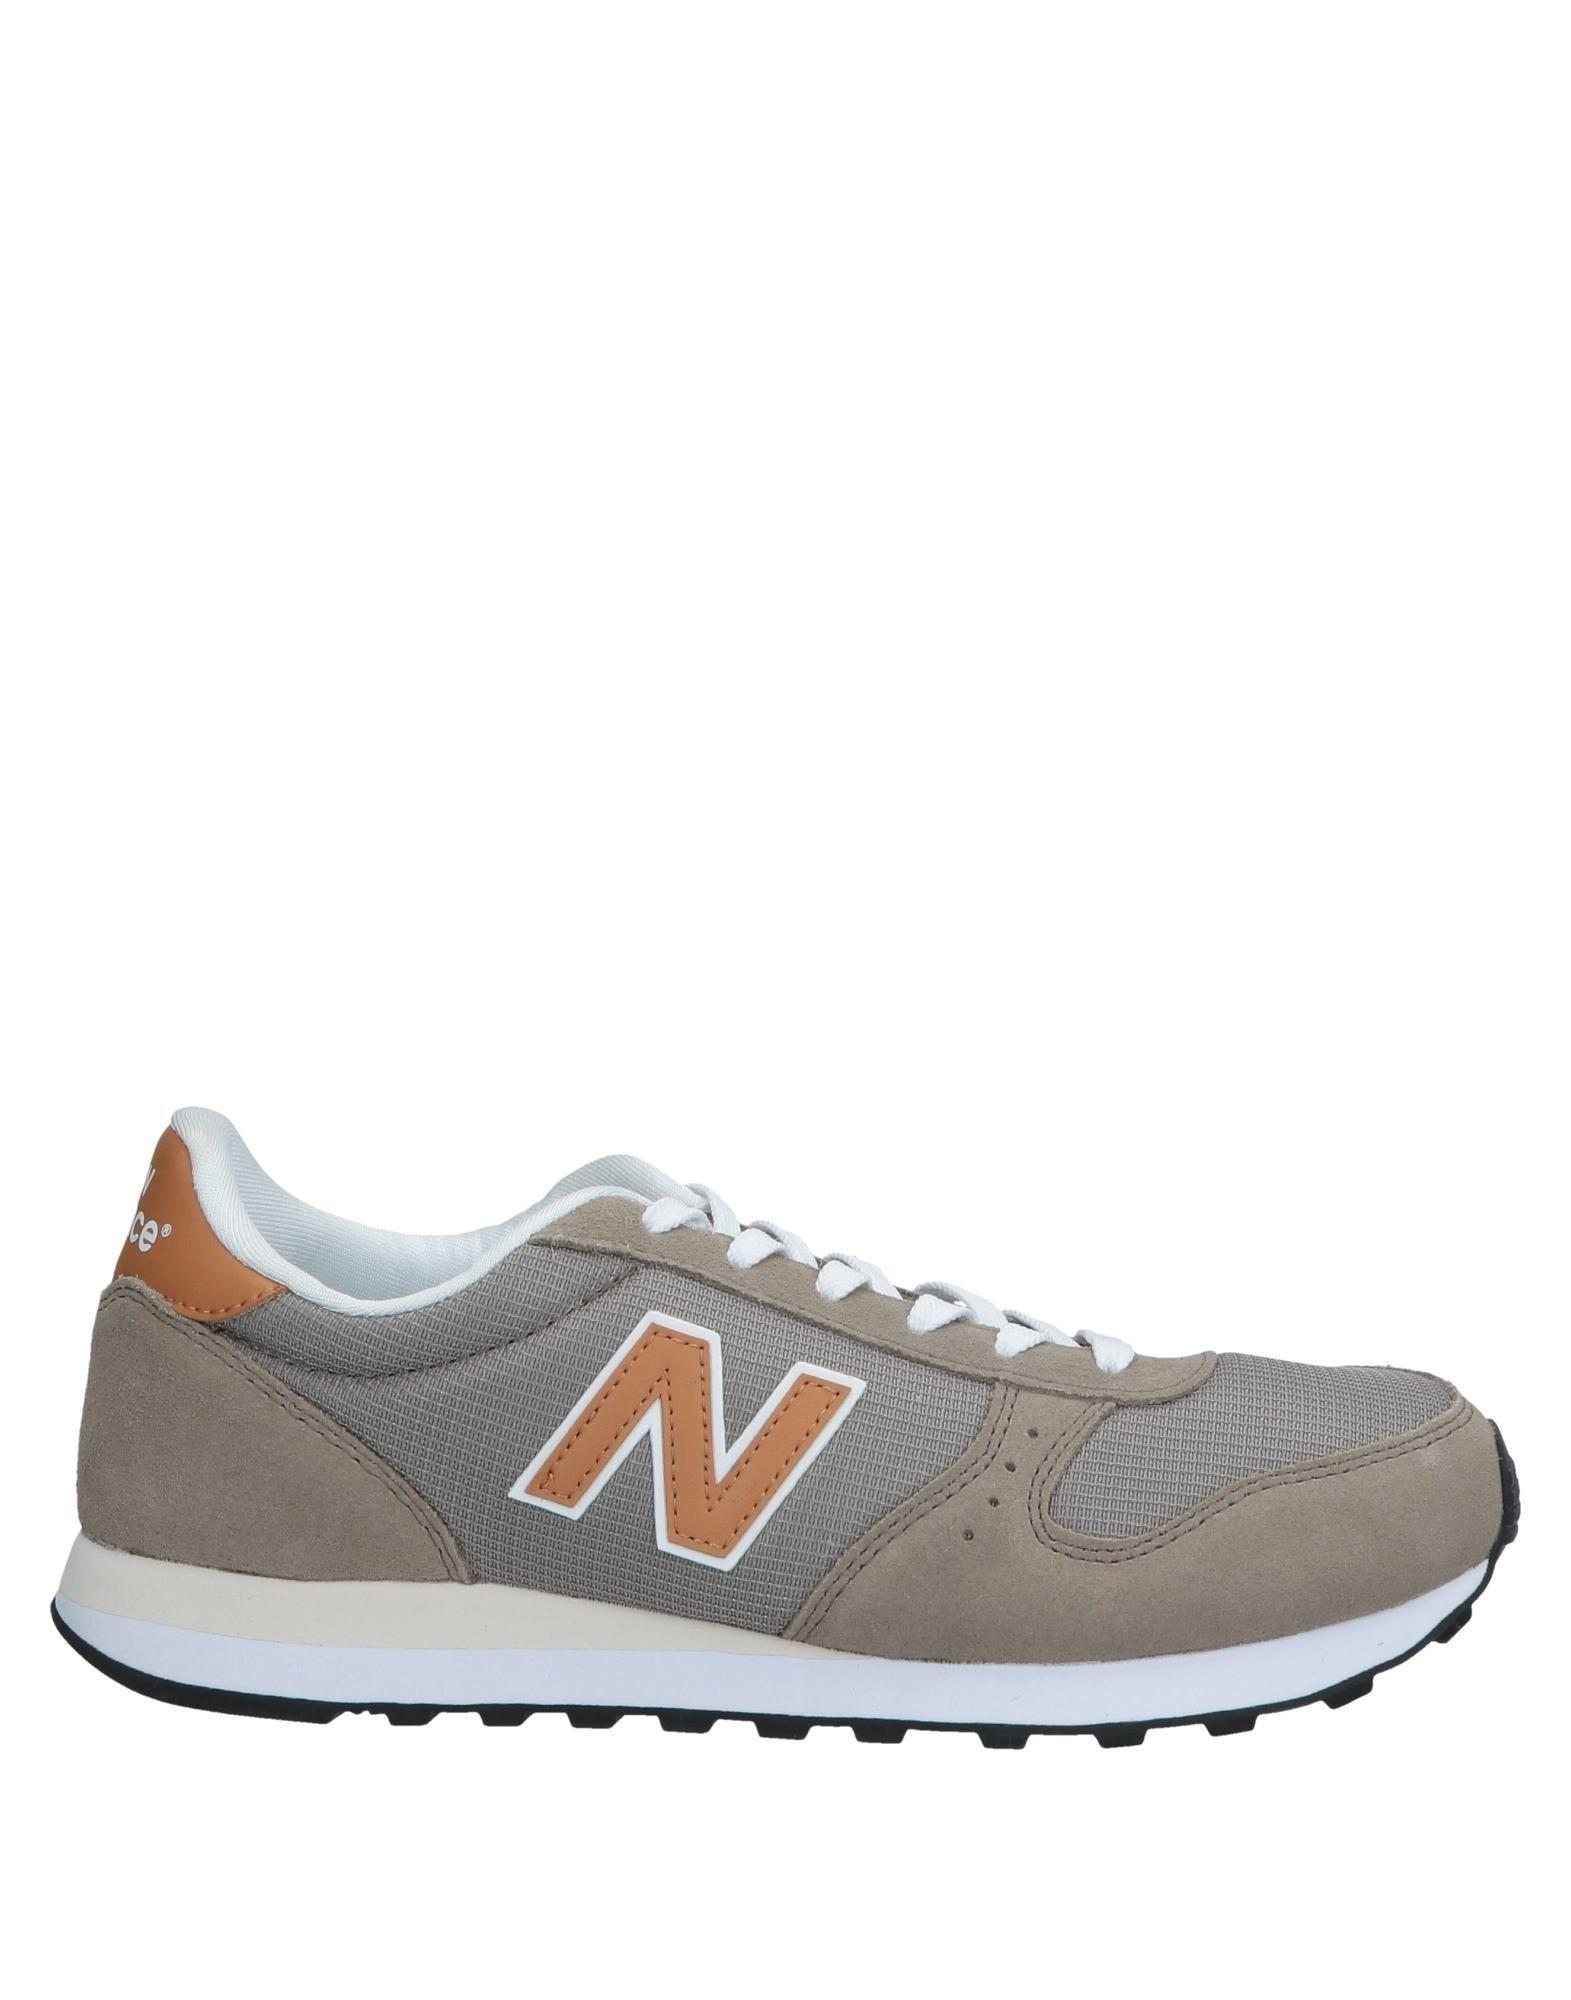 Rabatt echte Herren Schuhe New Balance Sneakers Herren echte  11570440NN 682f60